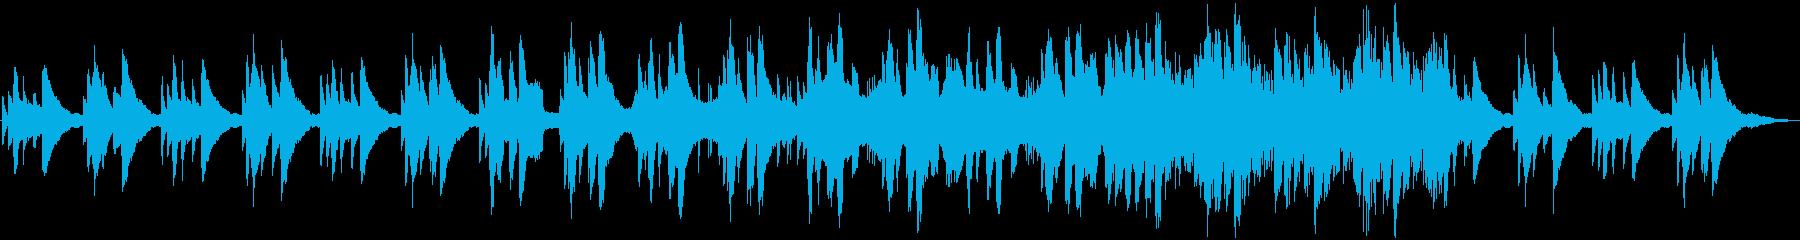 感動のシーンに合うピアノエレクトリックの再生済みの波形